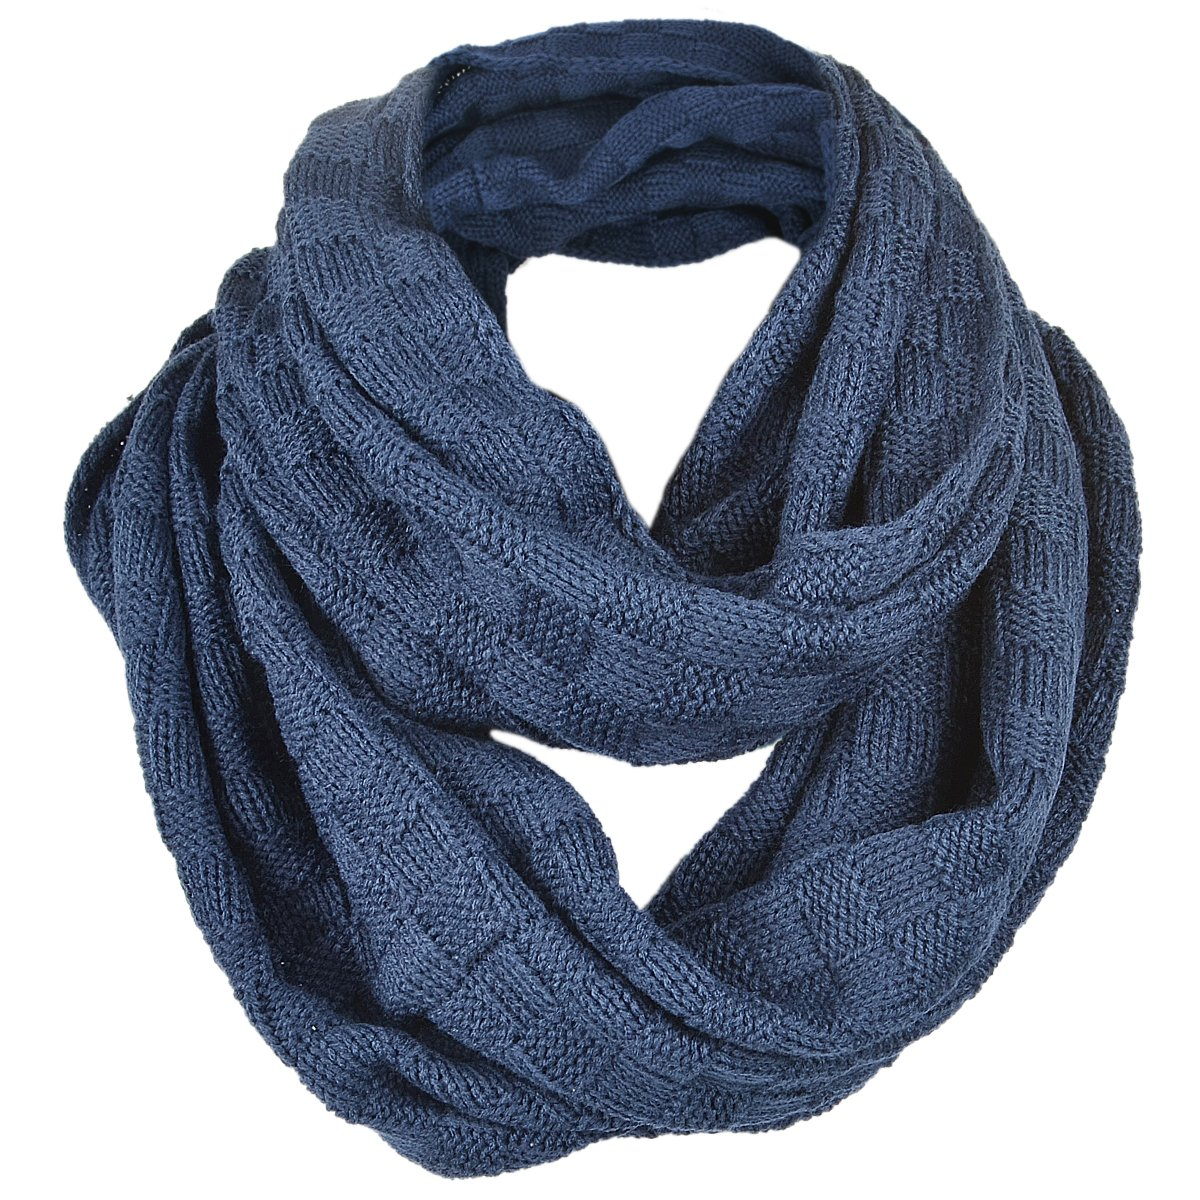 FORBUSITE Men Plaid Pattern Knit Winter Infinity Scarf E5031b (Black) E5031b-C-BK